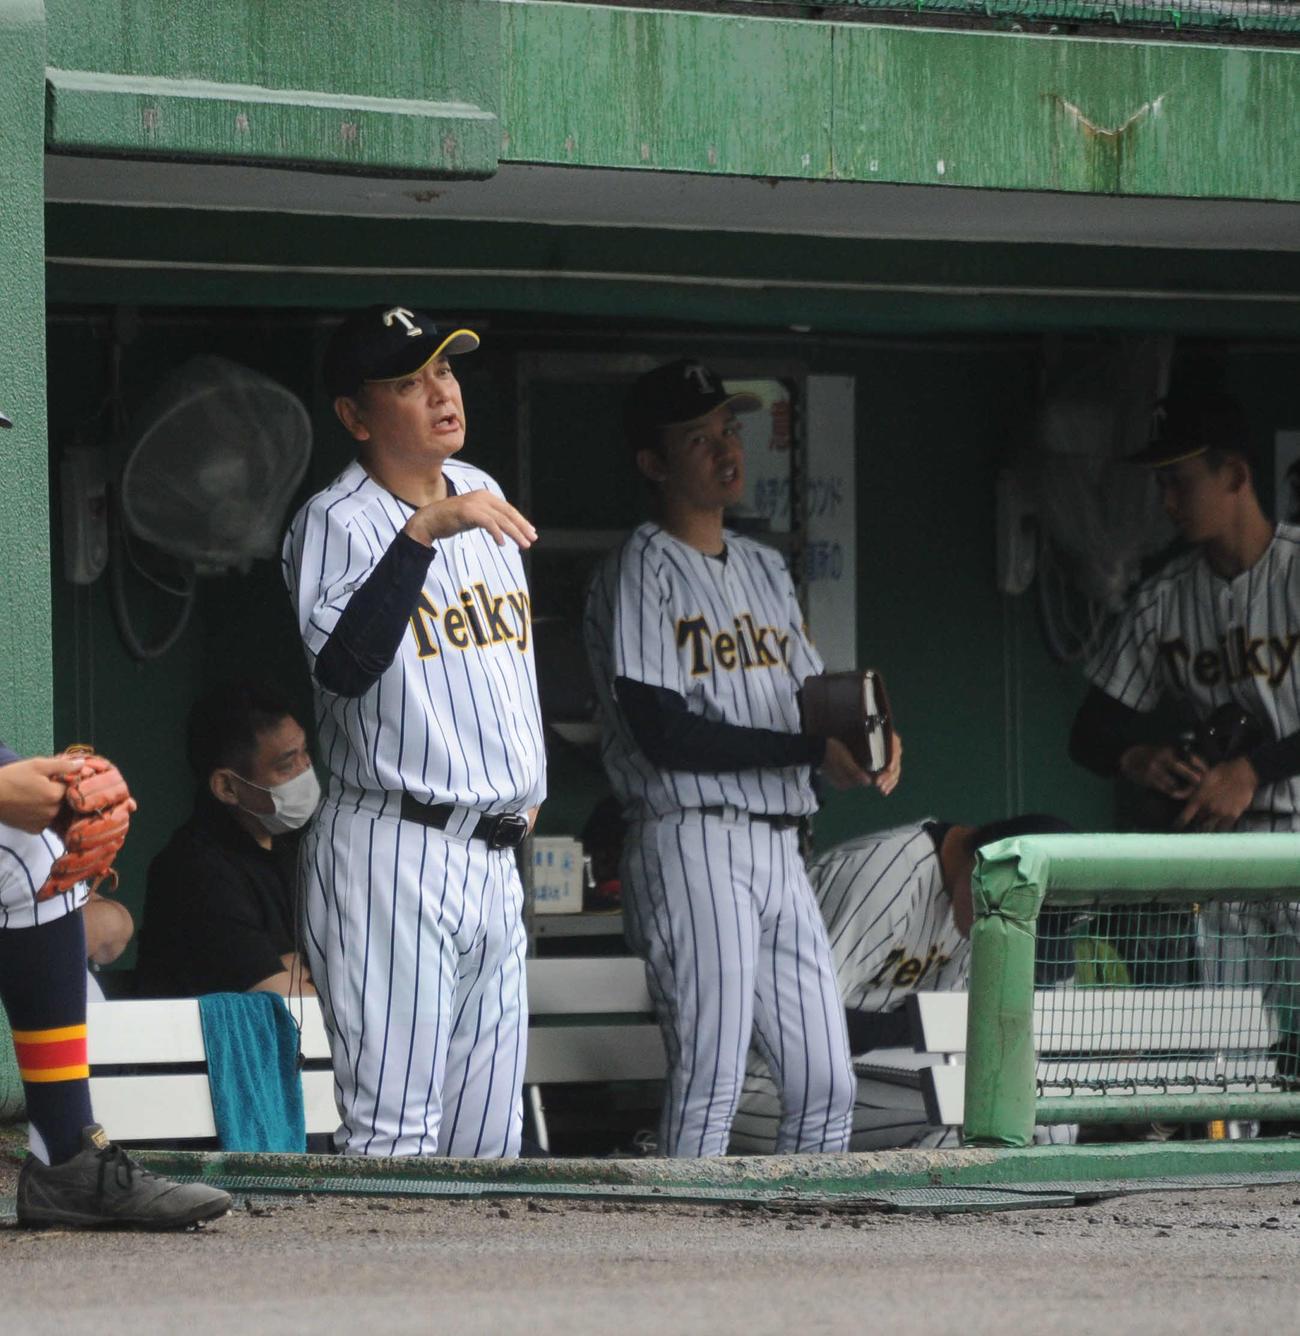 ベンチから選手に声をかける芝草監督(左)